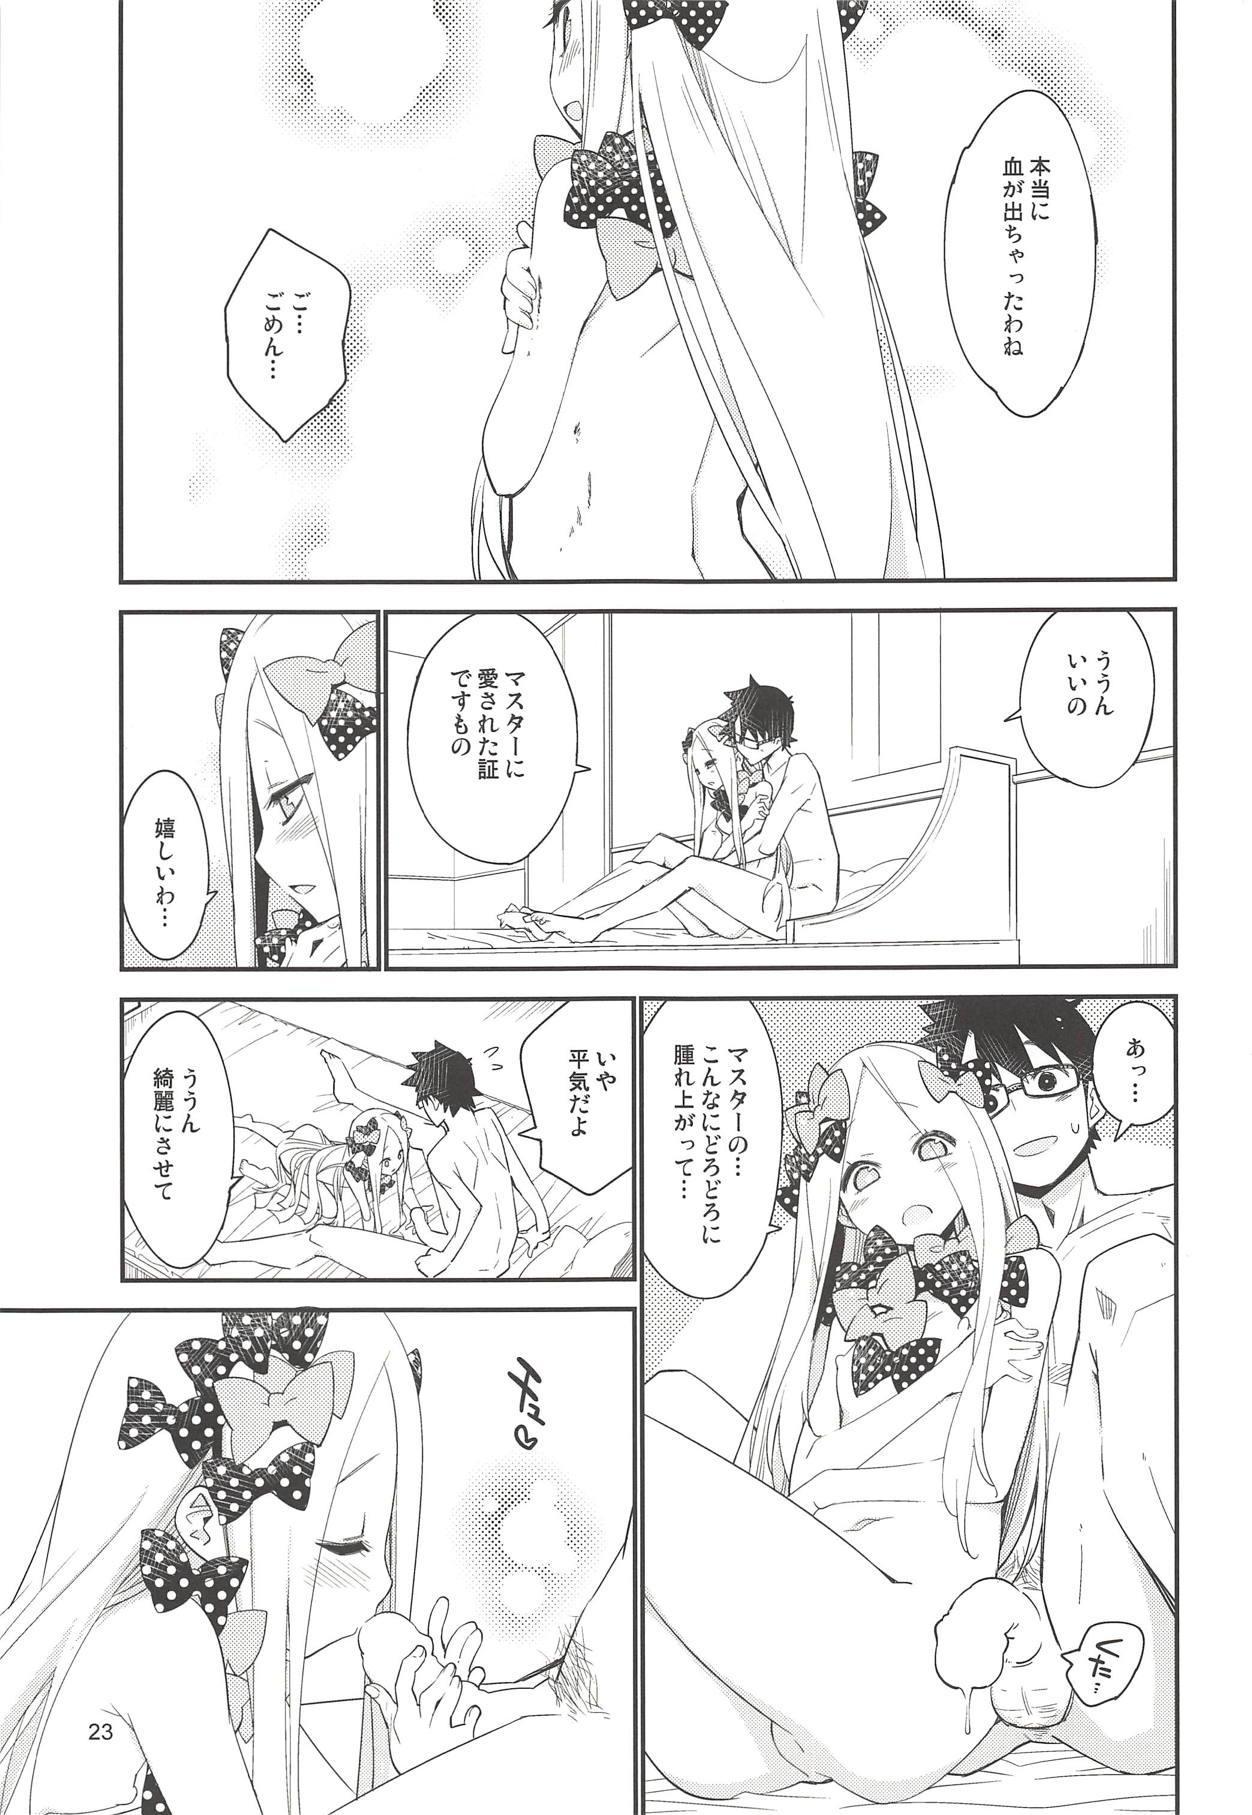 Hoshi no Furu Yo no Sono Ato de... 21